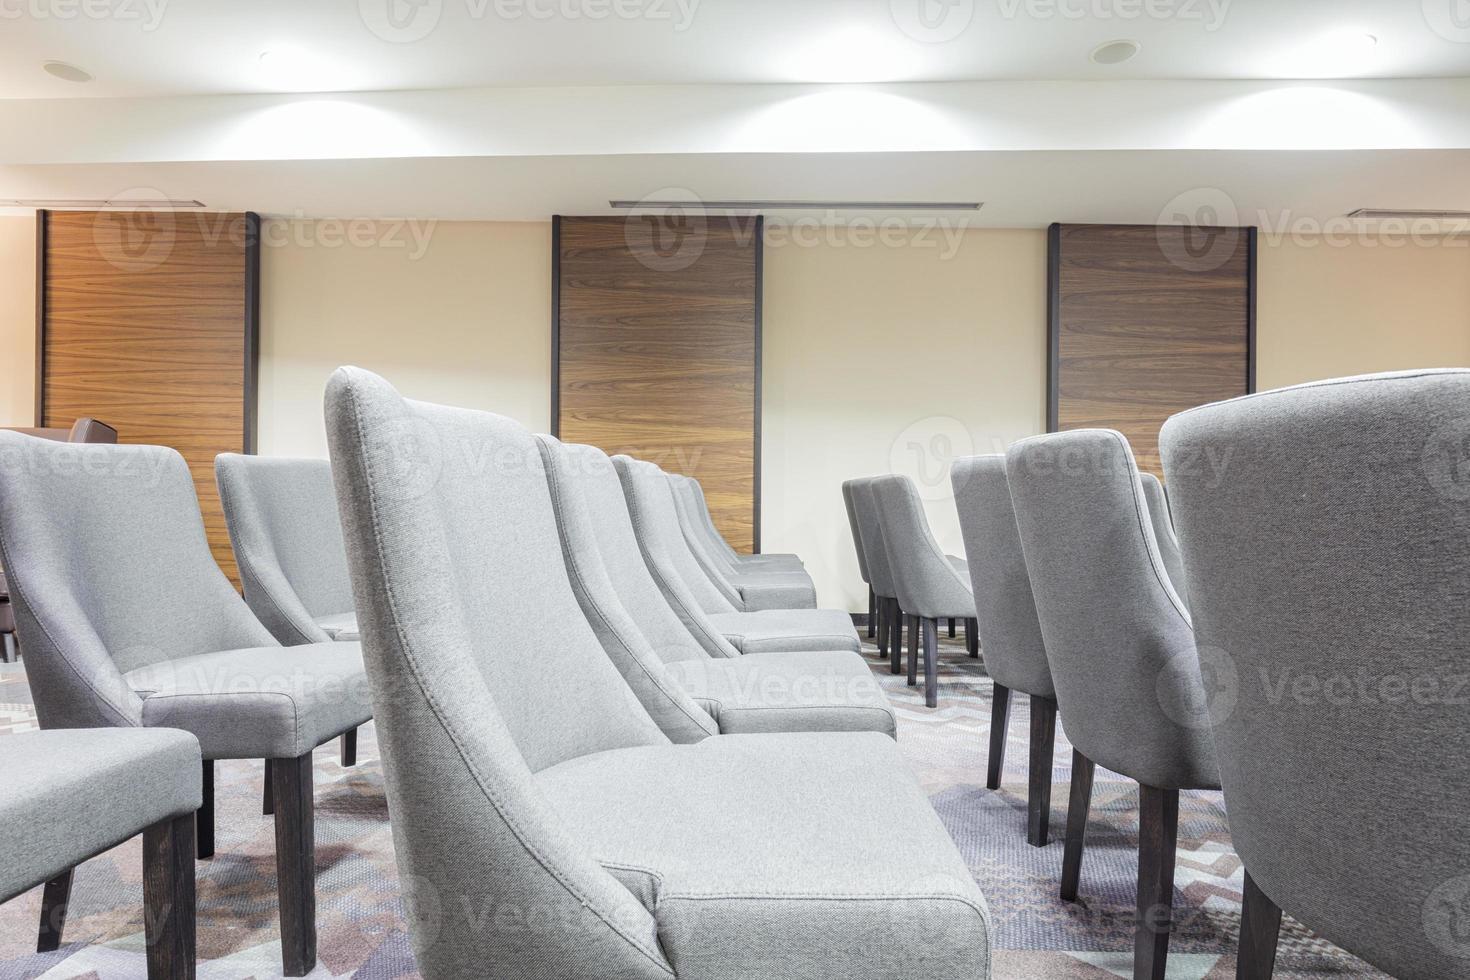 Stühle in einem modernen Präsentationsraum foto